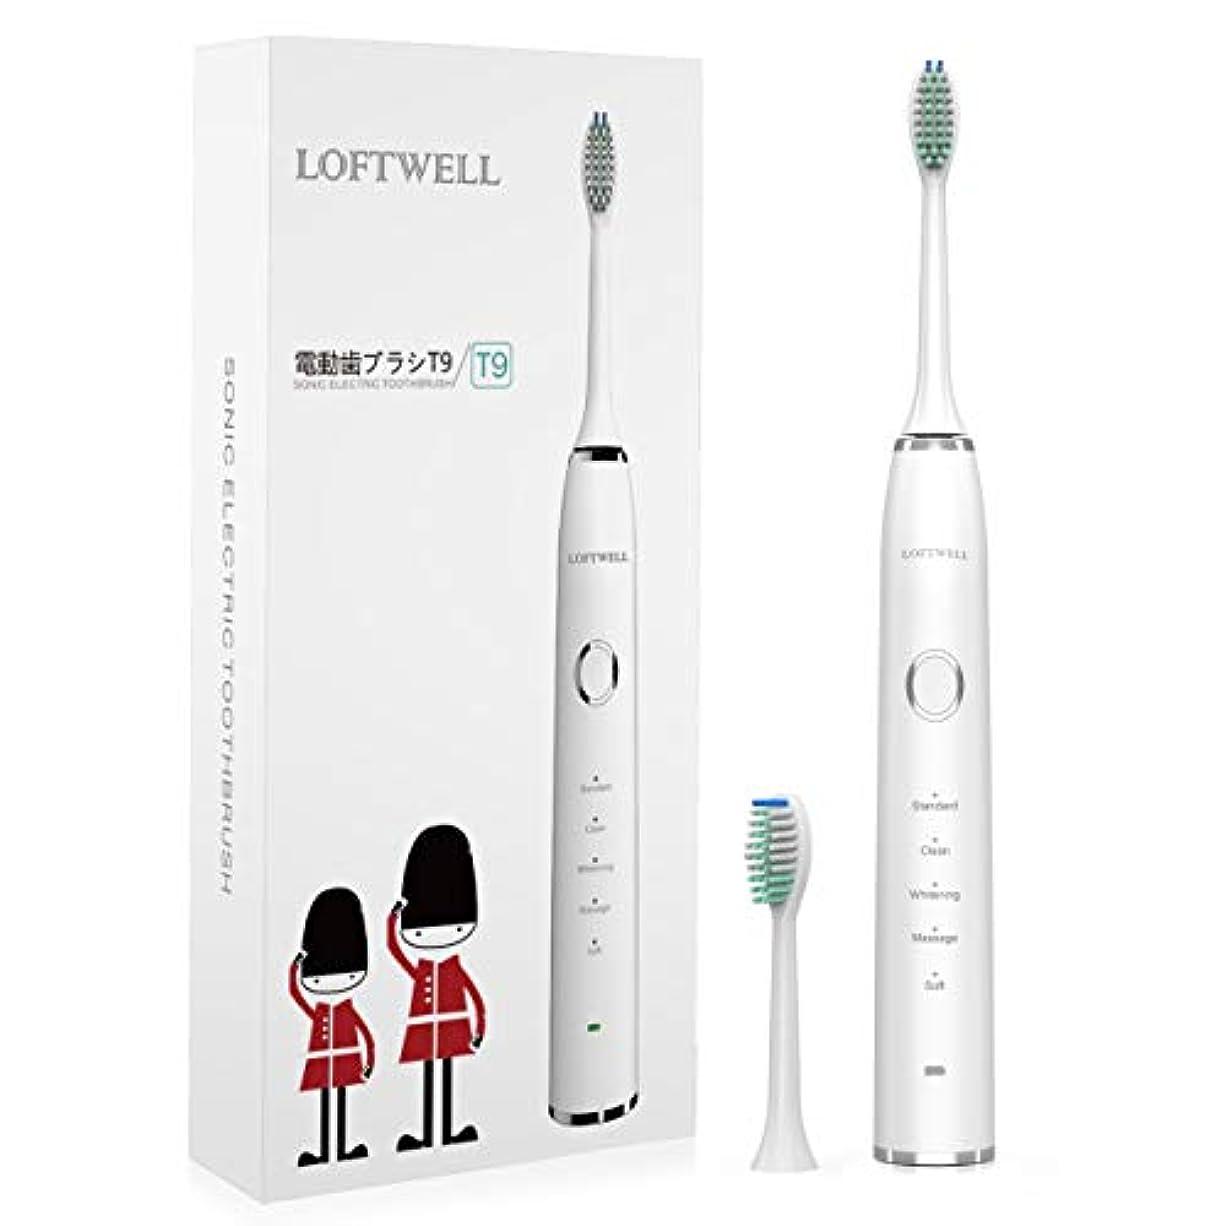 進むウィスキー理論的Loftwell 電動歯ブラシ 1回充電90日長持ち 超音波歯ブラシ 5つモード 歯ブラシ IPX7防水 音波振動歯ブラシ 1年間保証 電動歯ブラシ T9 (最新版) (クリア)